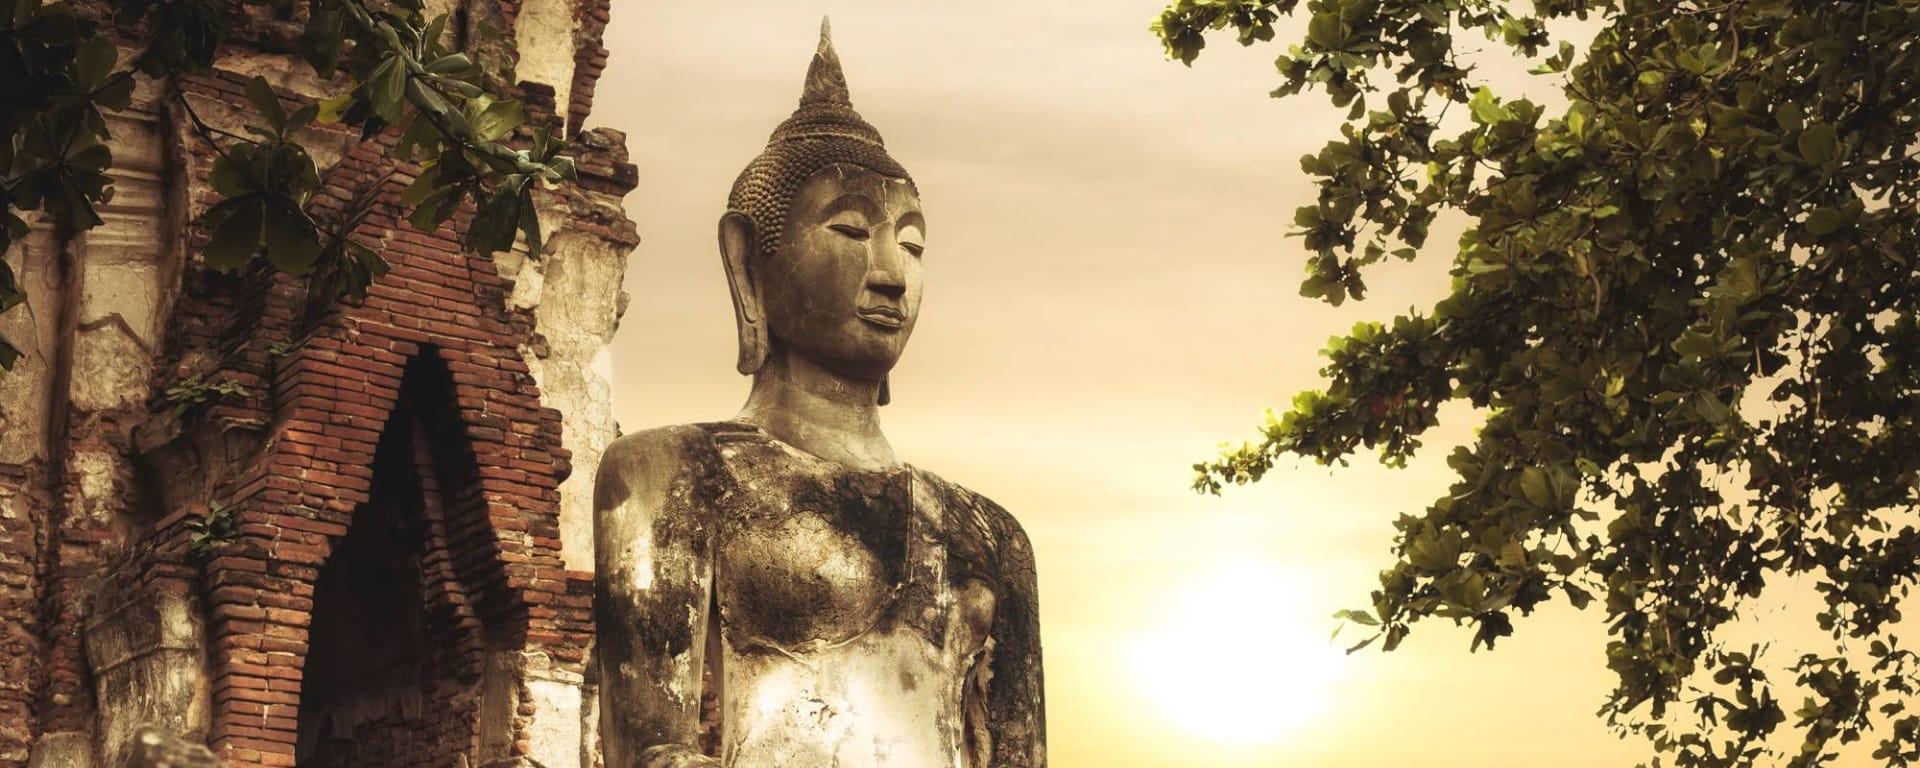 Streifzug durch Bangkoks Umgebung: Ayutthaya: Buddha at Wat Mahathat ruins